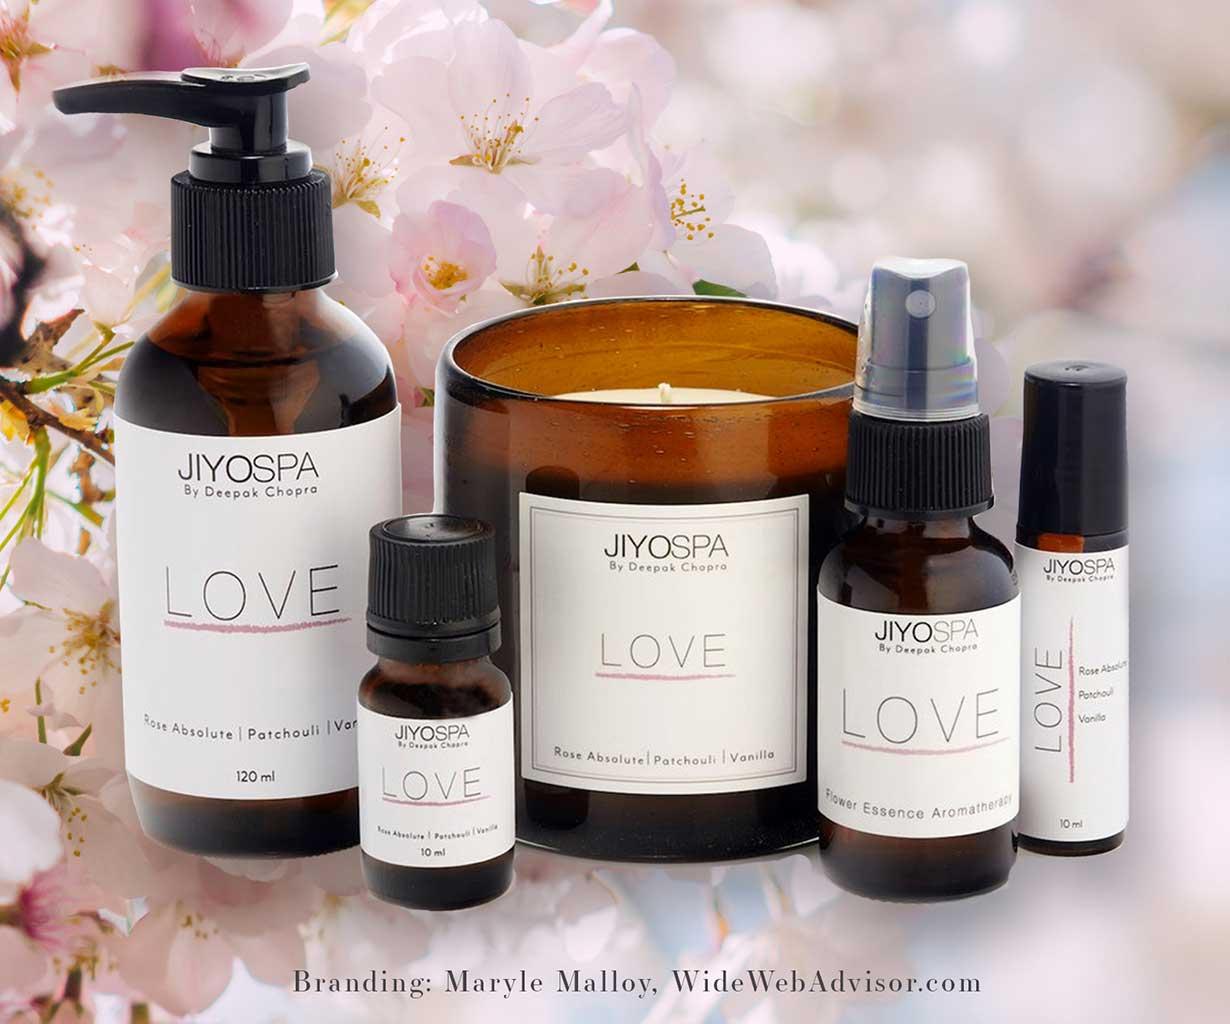 branding for jiyo spa